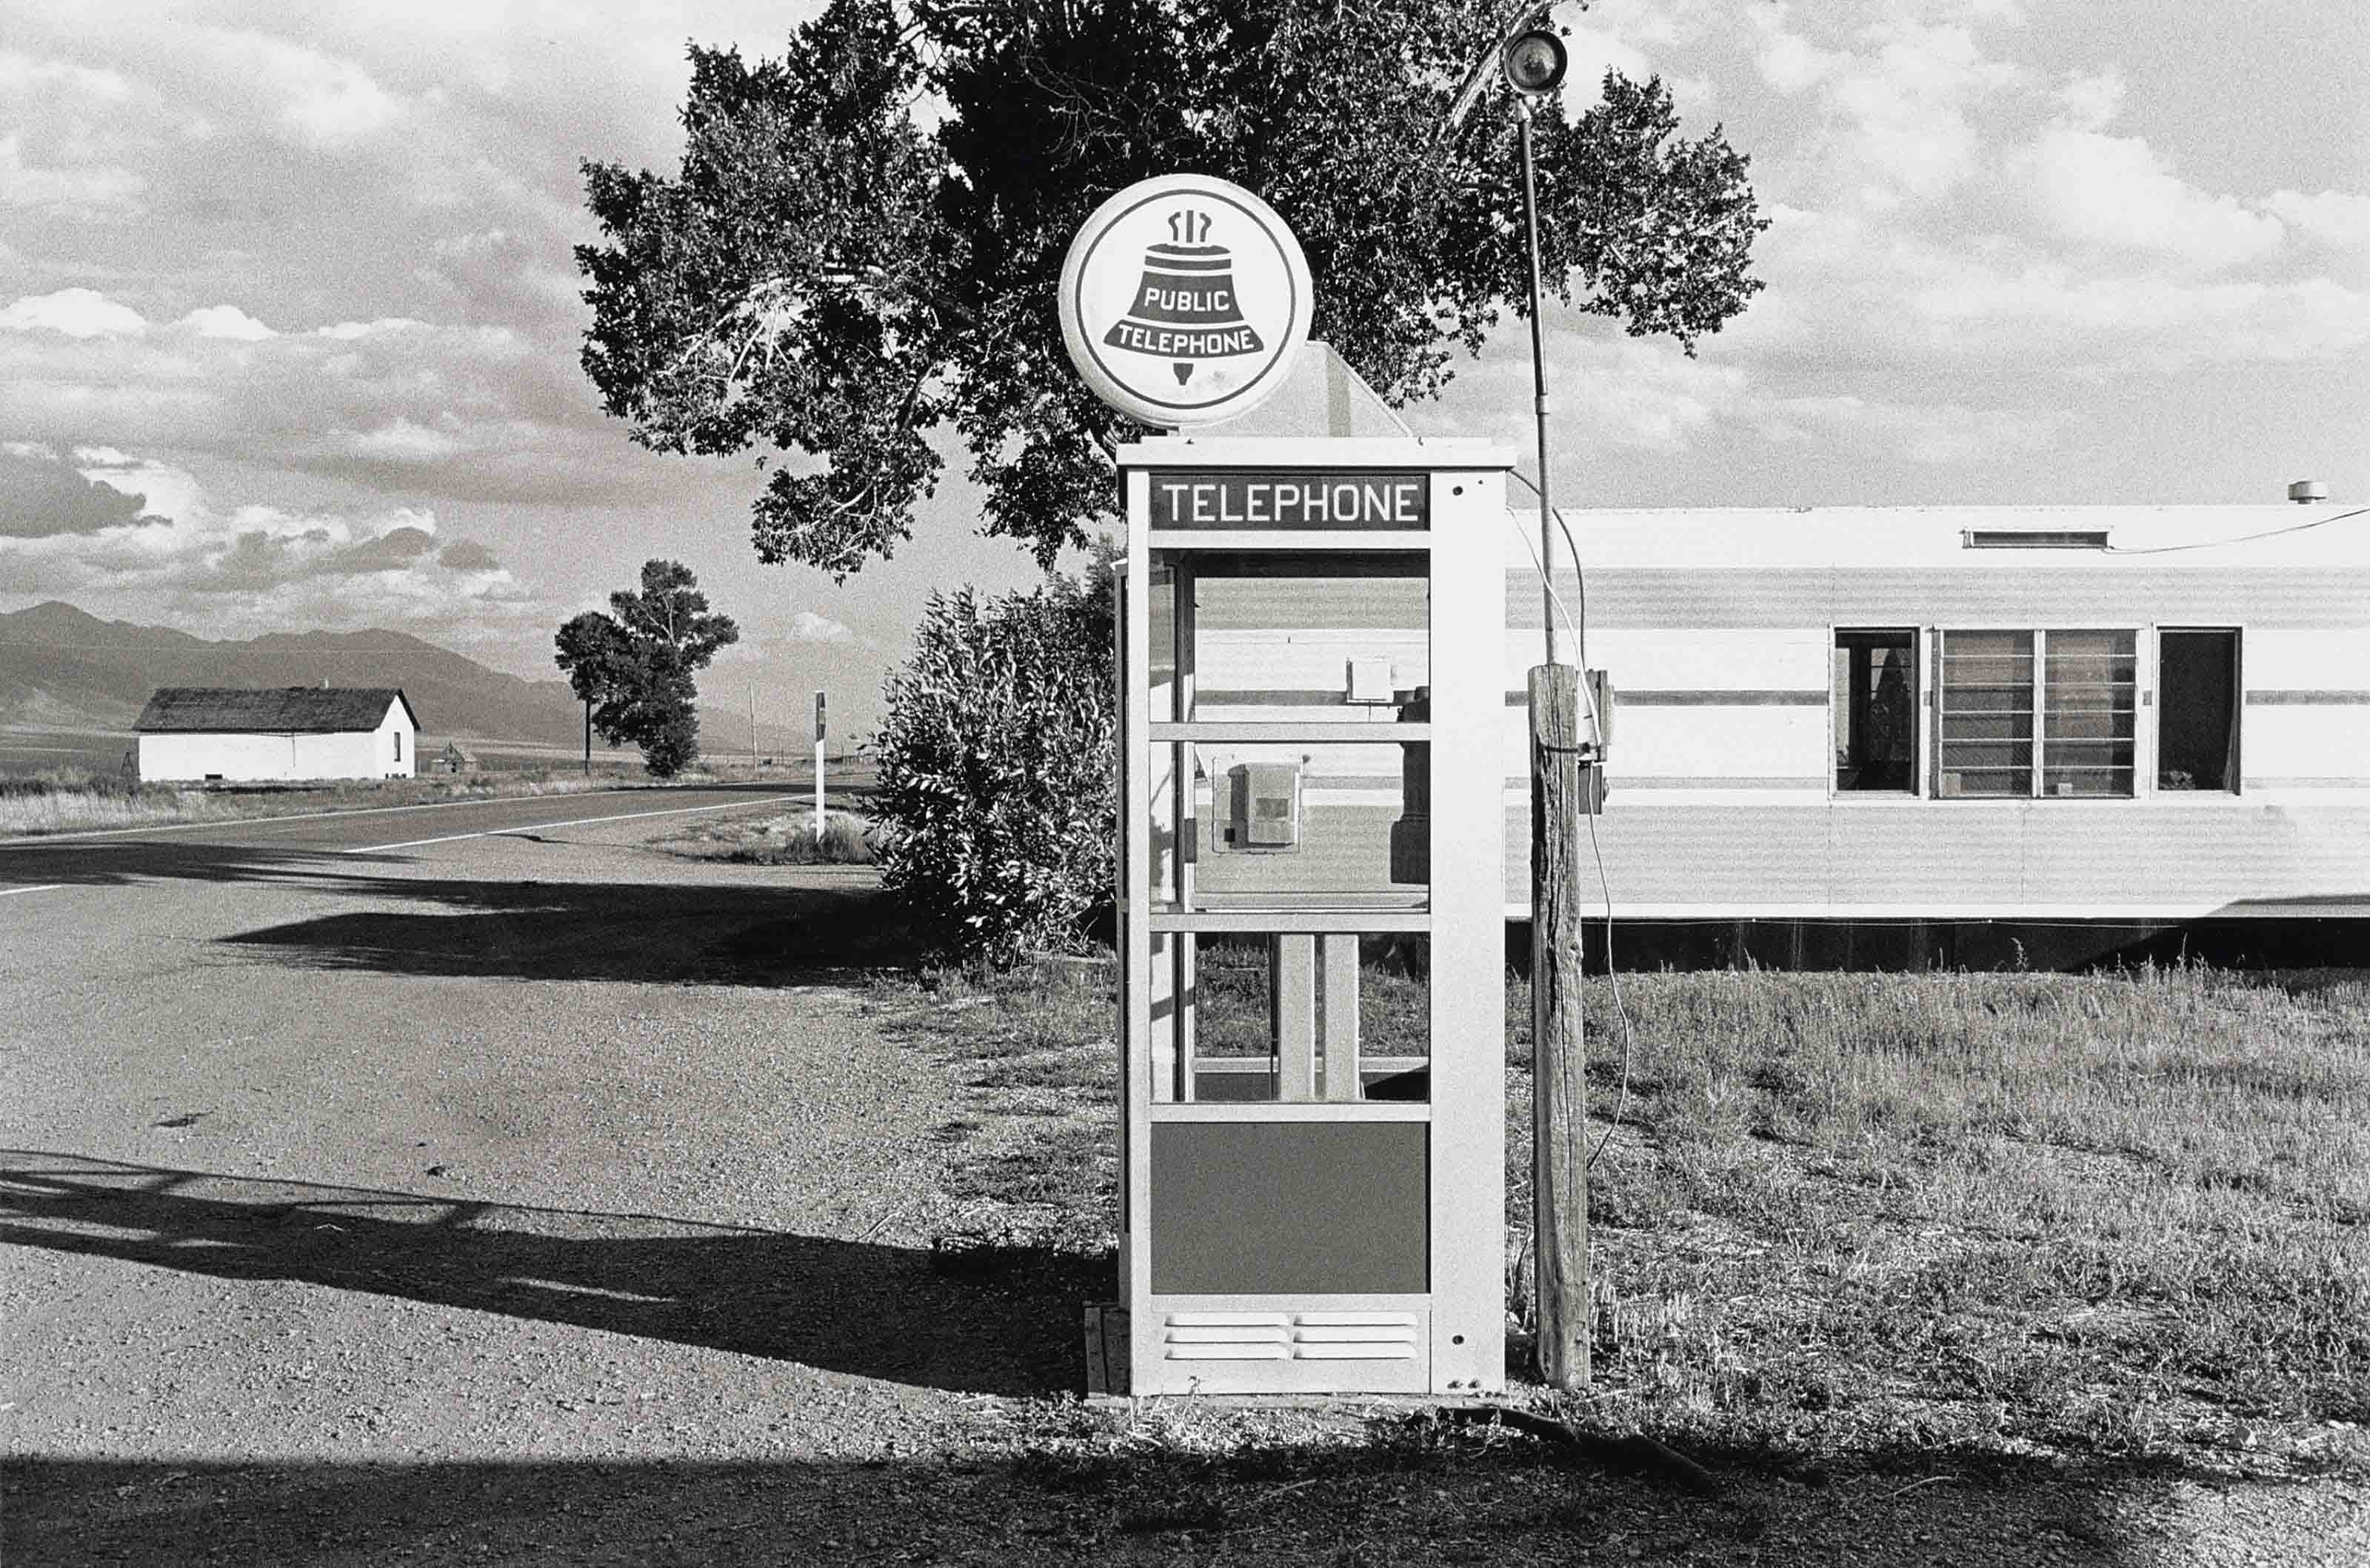 Buena Vista, Colorado, 1973